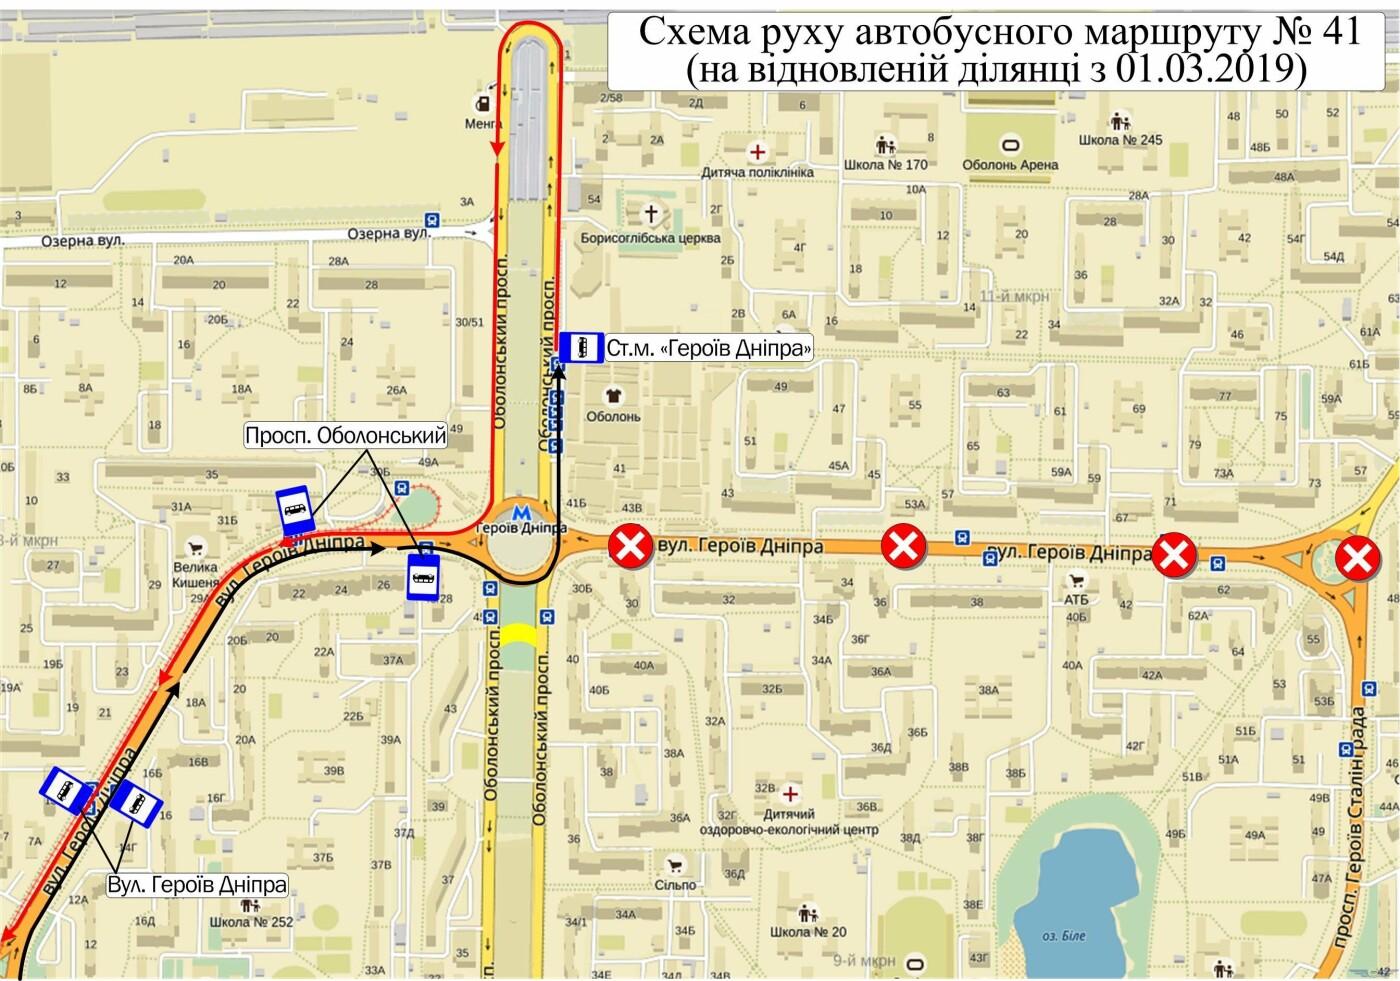 Пассажиров киевского автобуса №41 предупредили об изменениях в маршруте, - КАРТА, фото-1